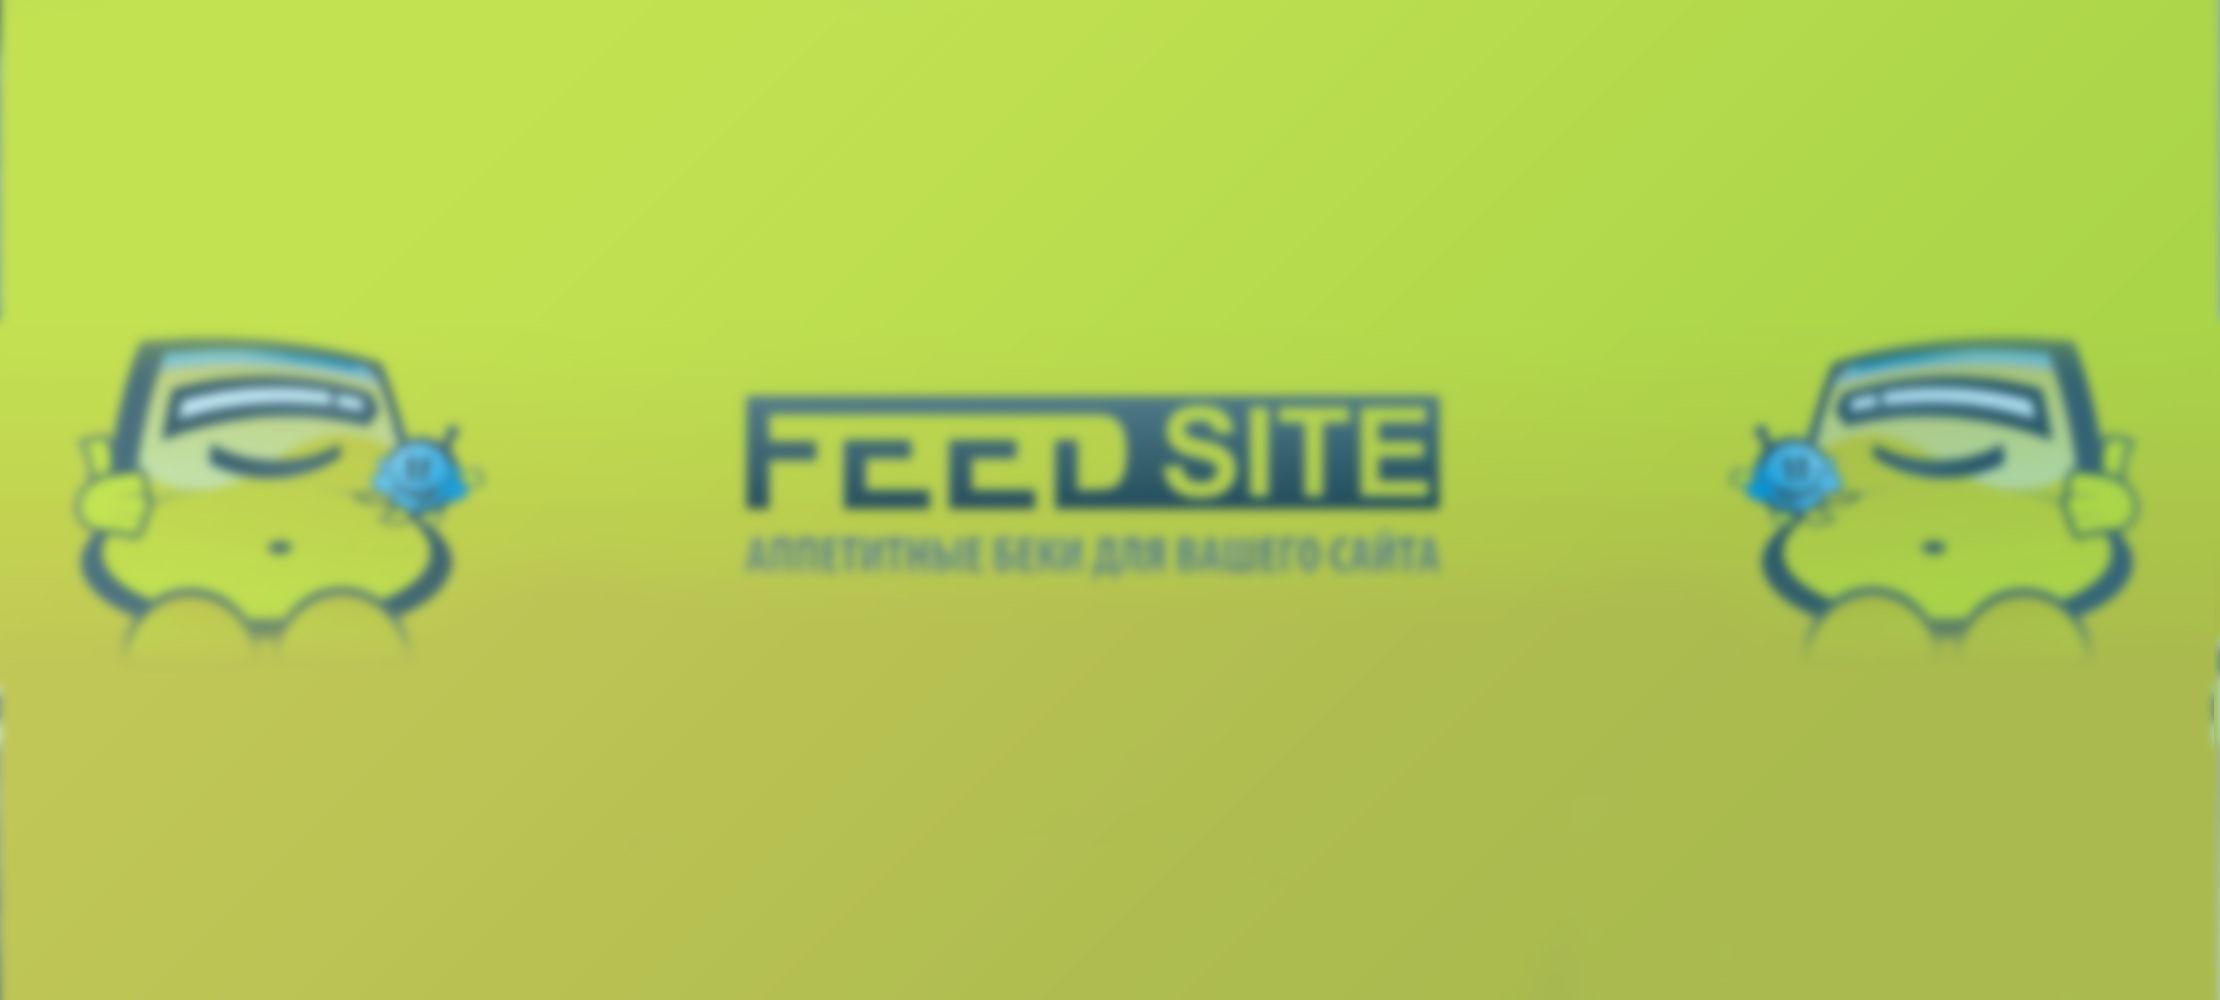 Как мы создавали FeedSite